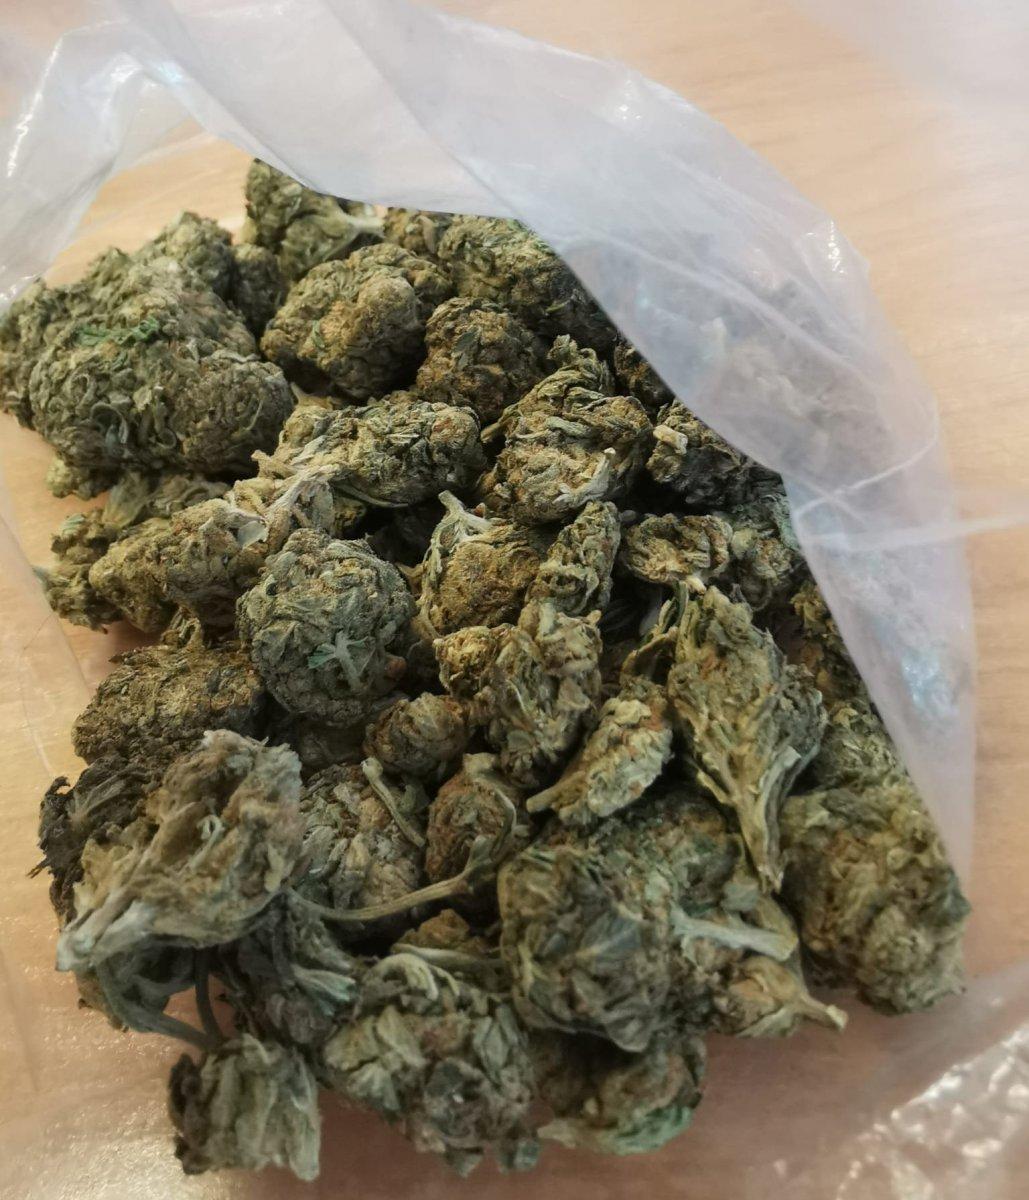 359 188235 Kryminalni u 36-latka ujawnili narkotyki